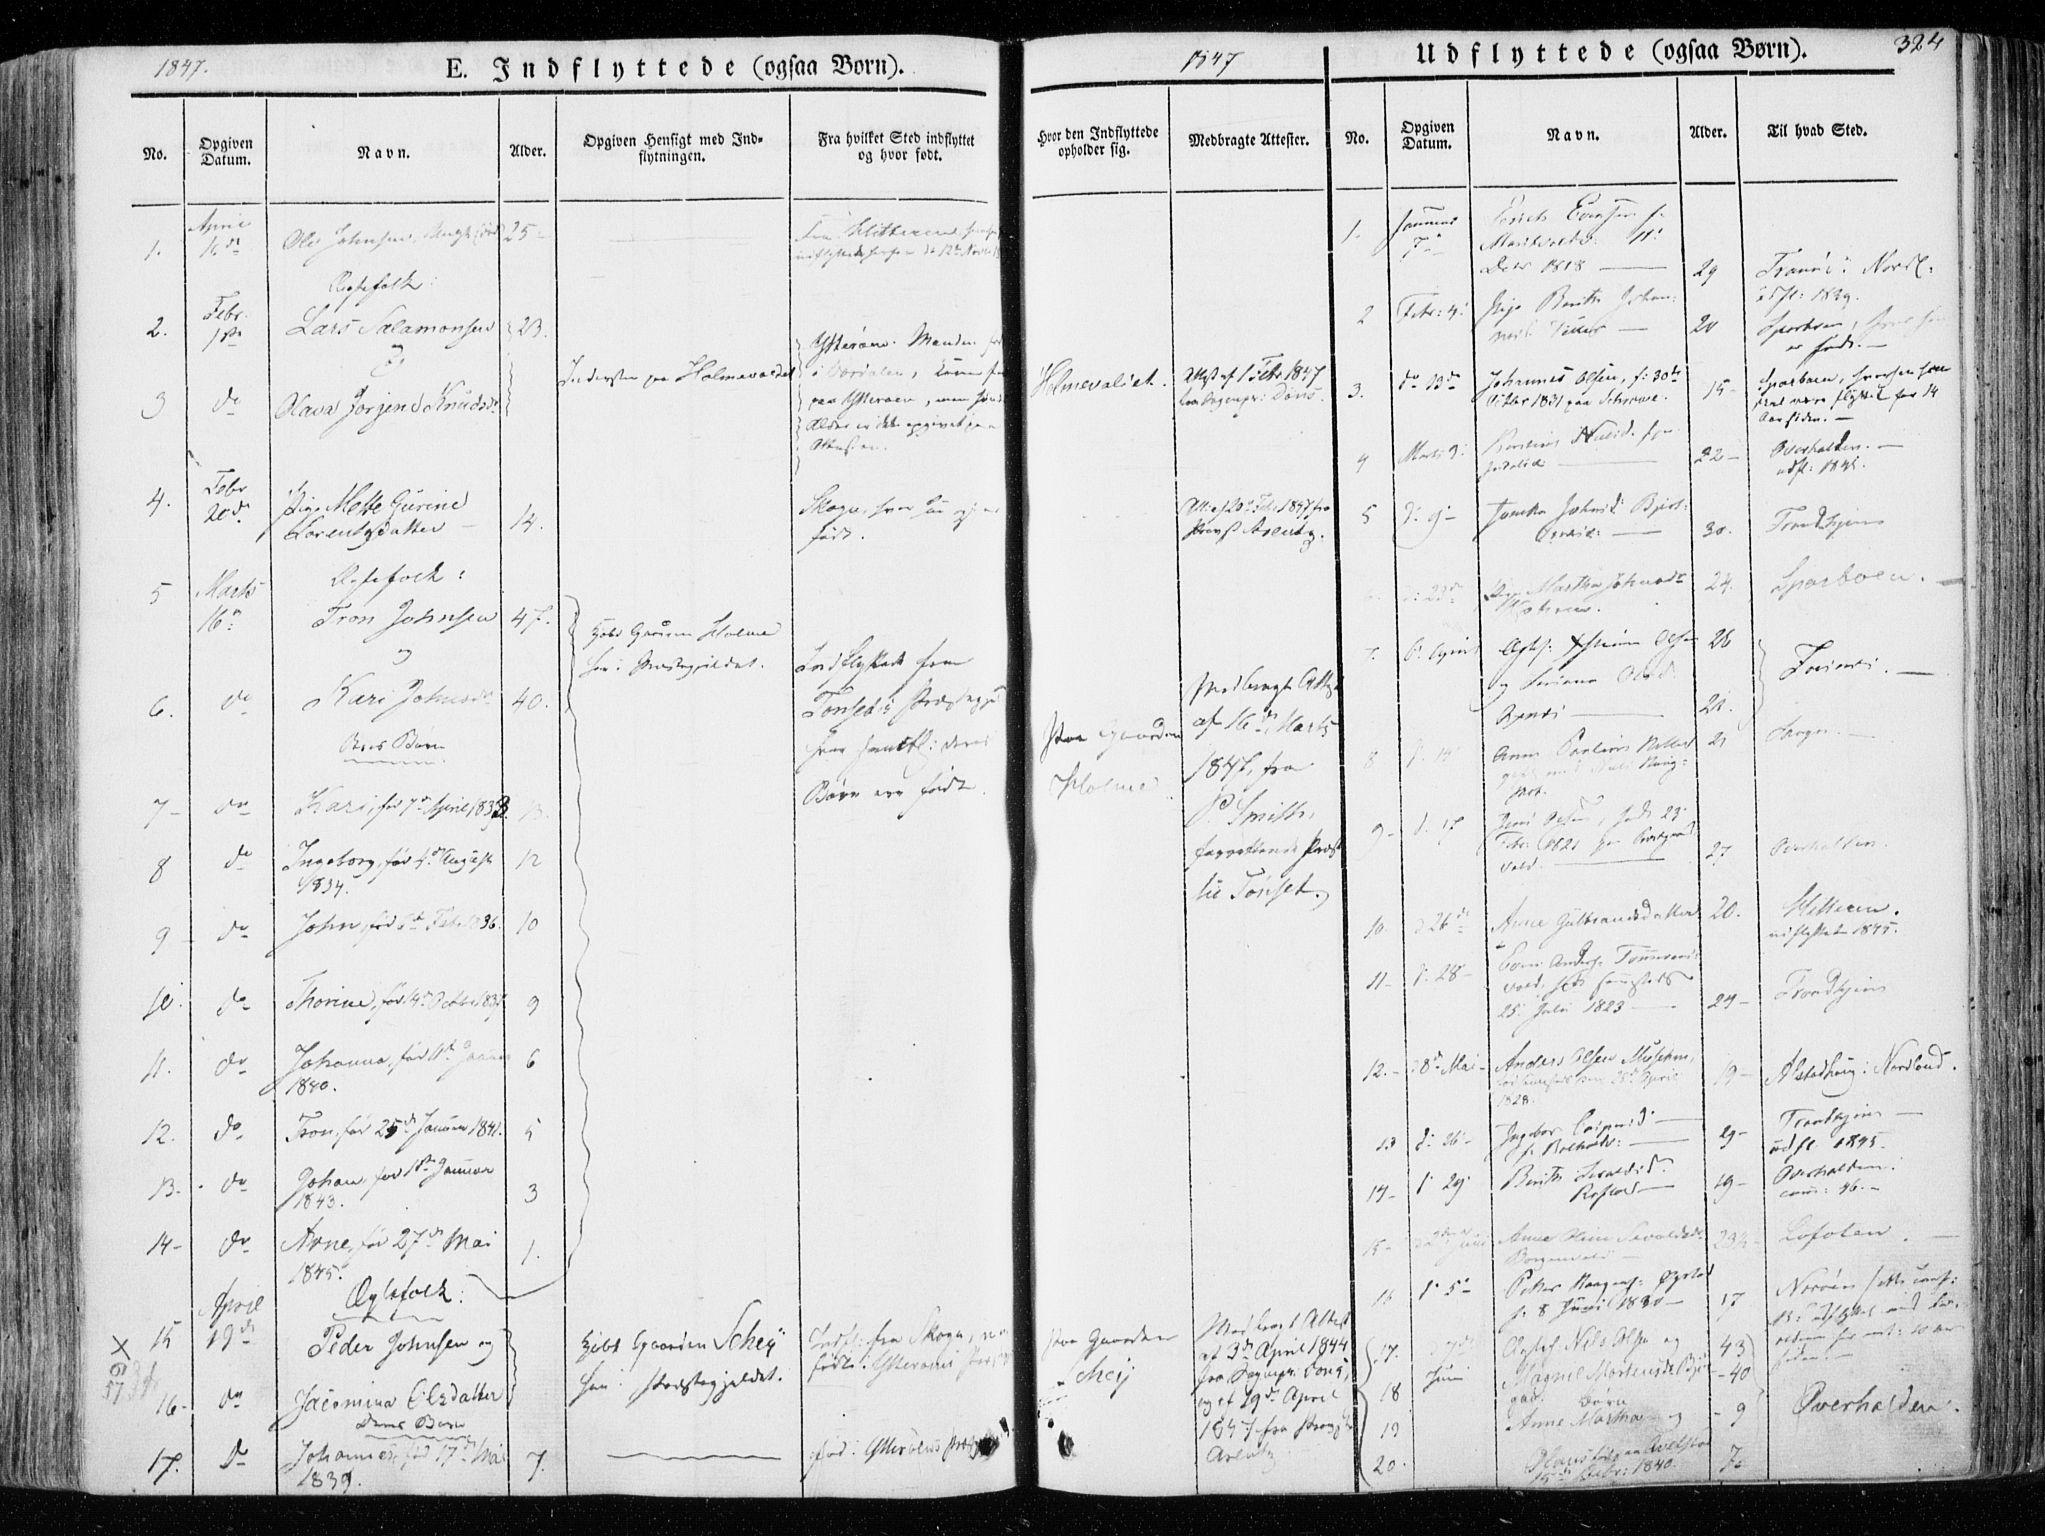 SAT, Ministerialprotokoller, klokkerbøker og fødselsregistre - Nord-Trøndelag, 723/L0239: Ministerialbok nr. 723A08, 1841-1851, s. 324